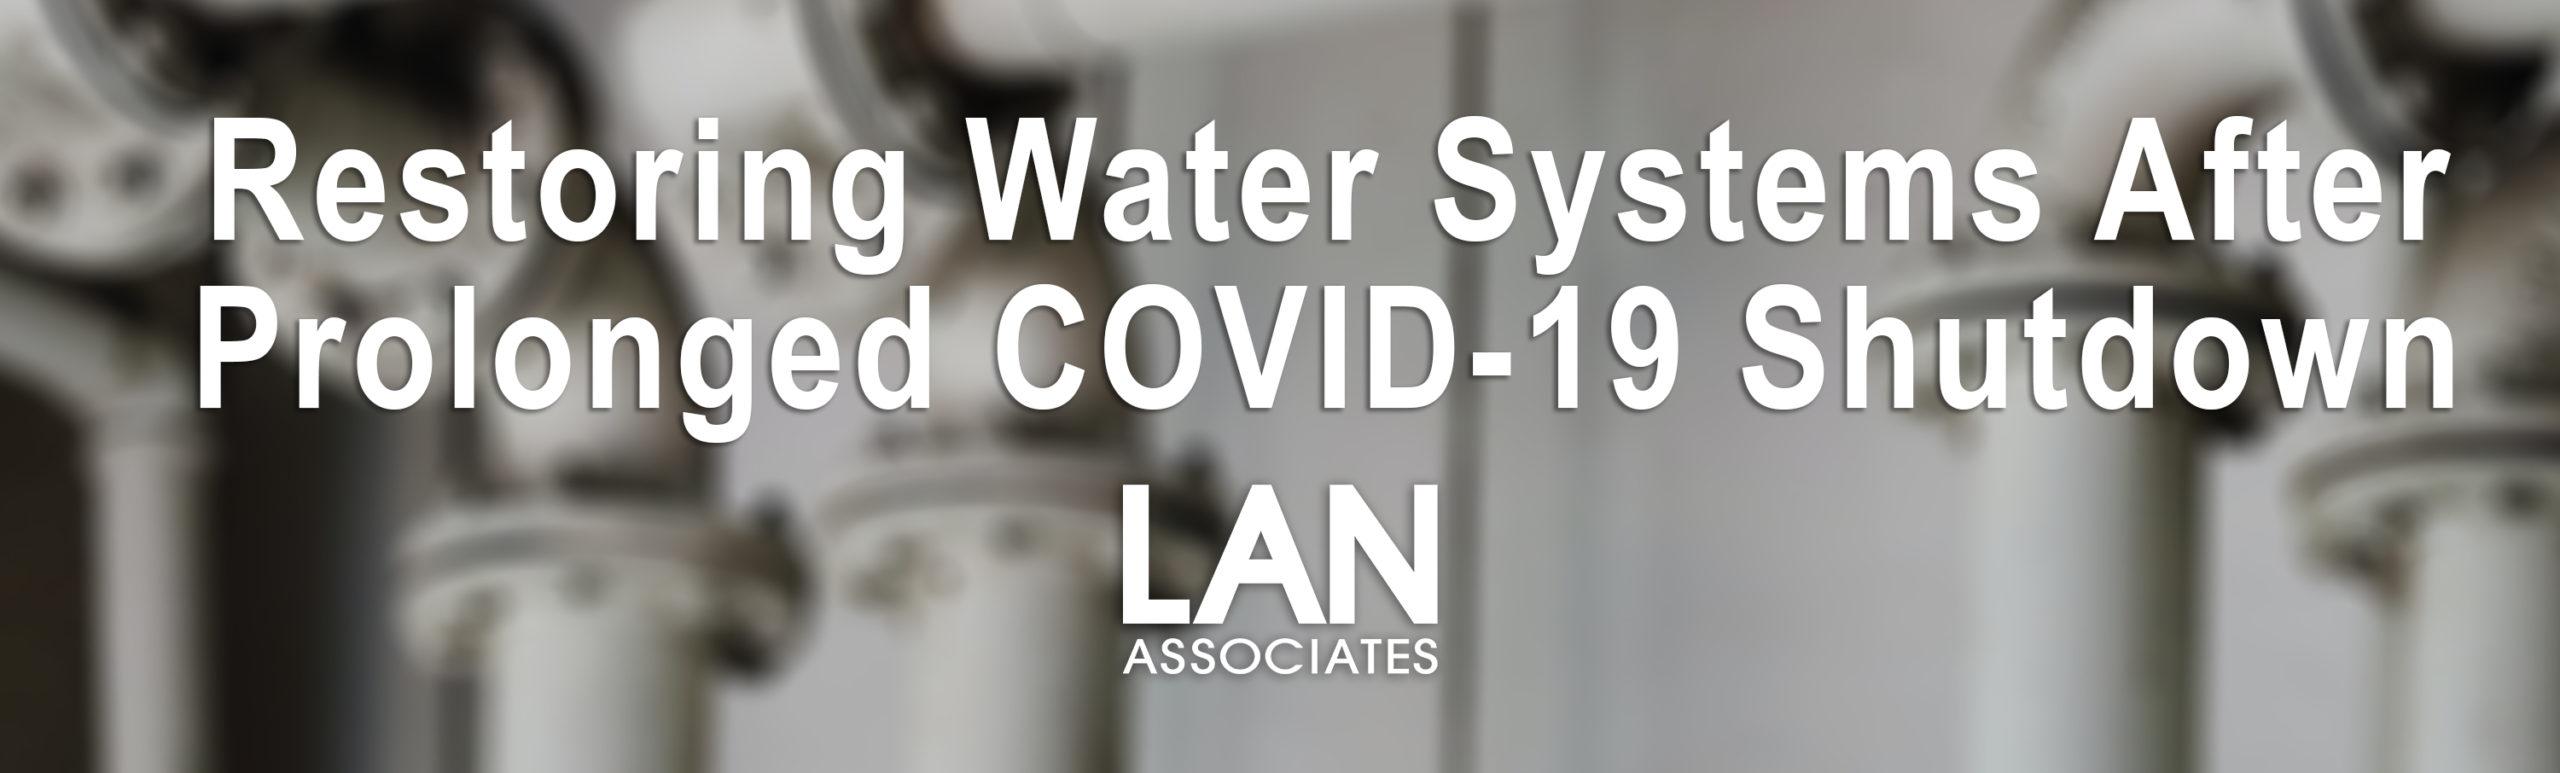 Plumbing and COVID-19 shutdowns